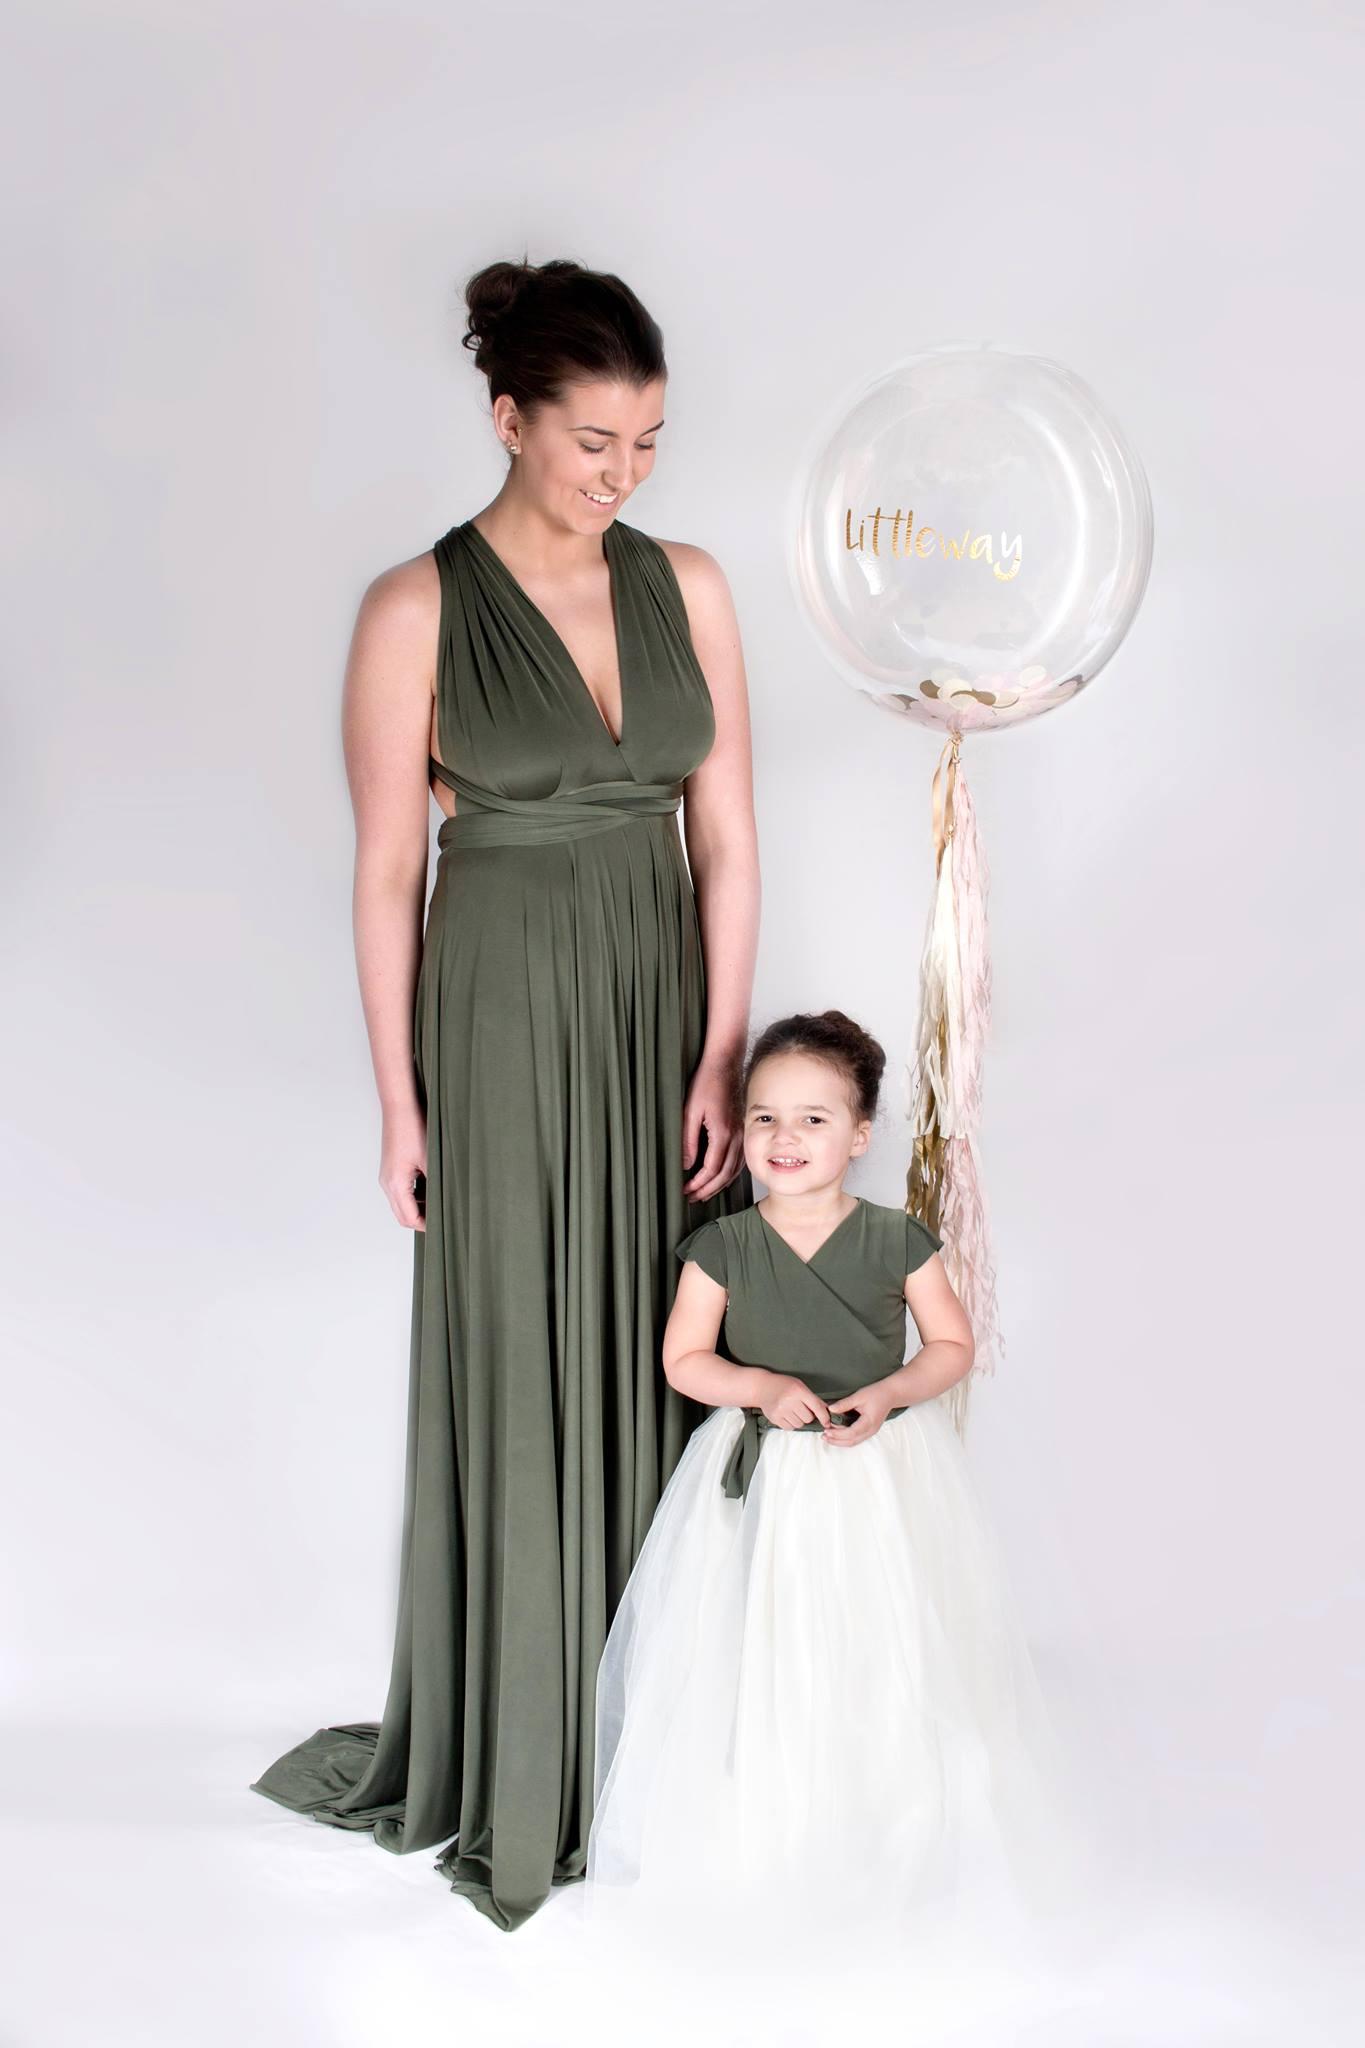 junior and flower girl dresses